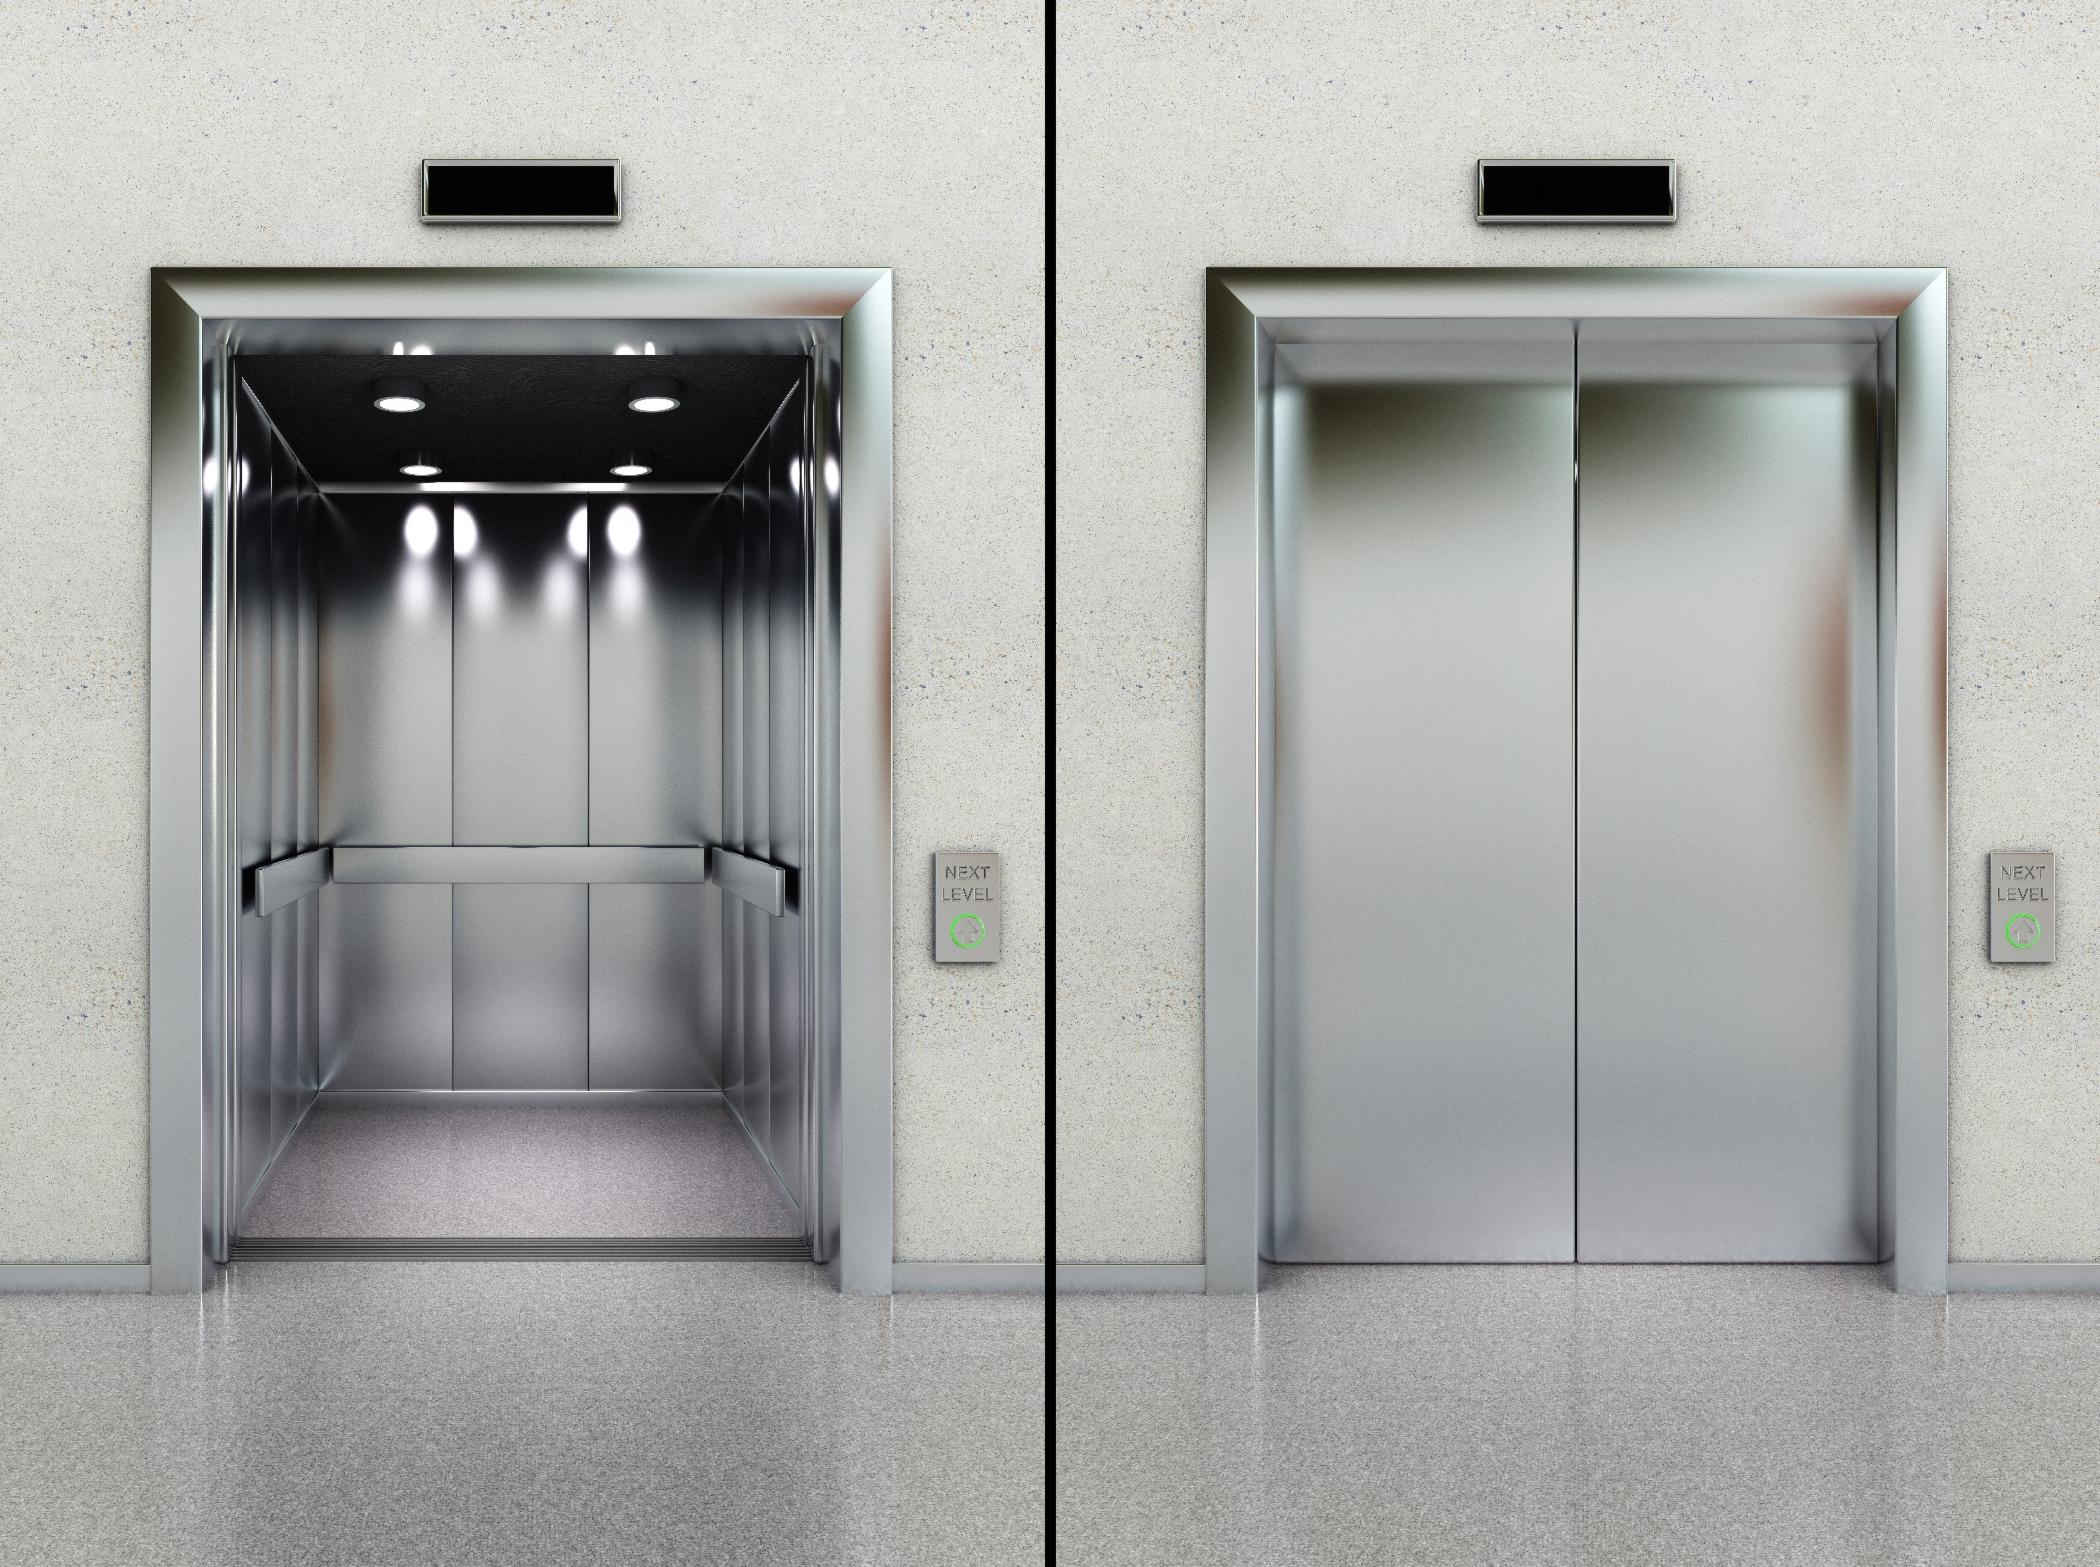 Elevator doors & Free photo: Elevator doors - elevator doors - Non-Commercial - Free ...